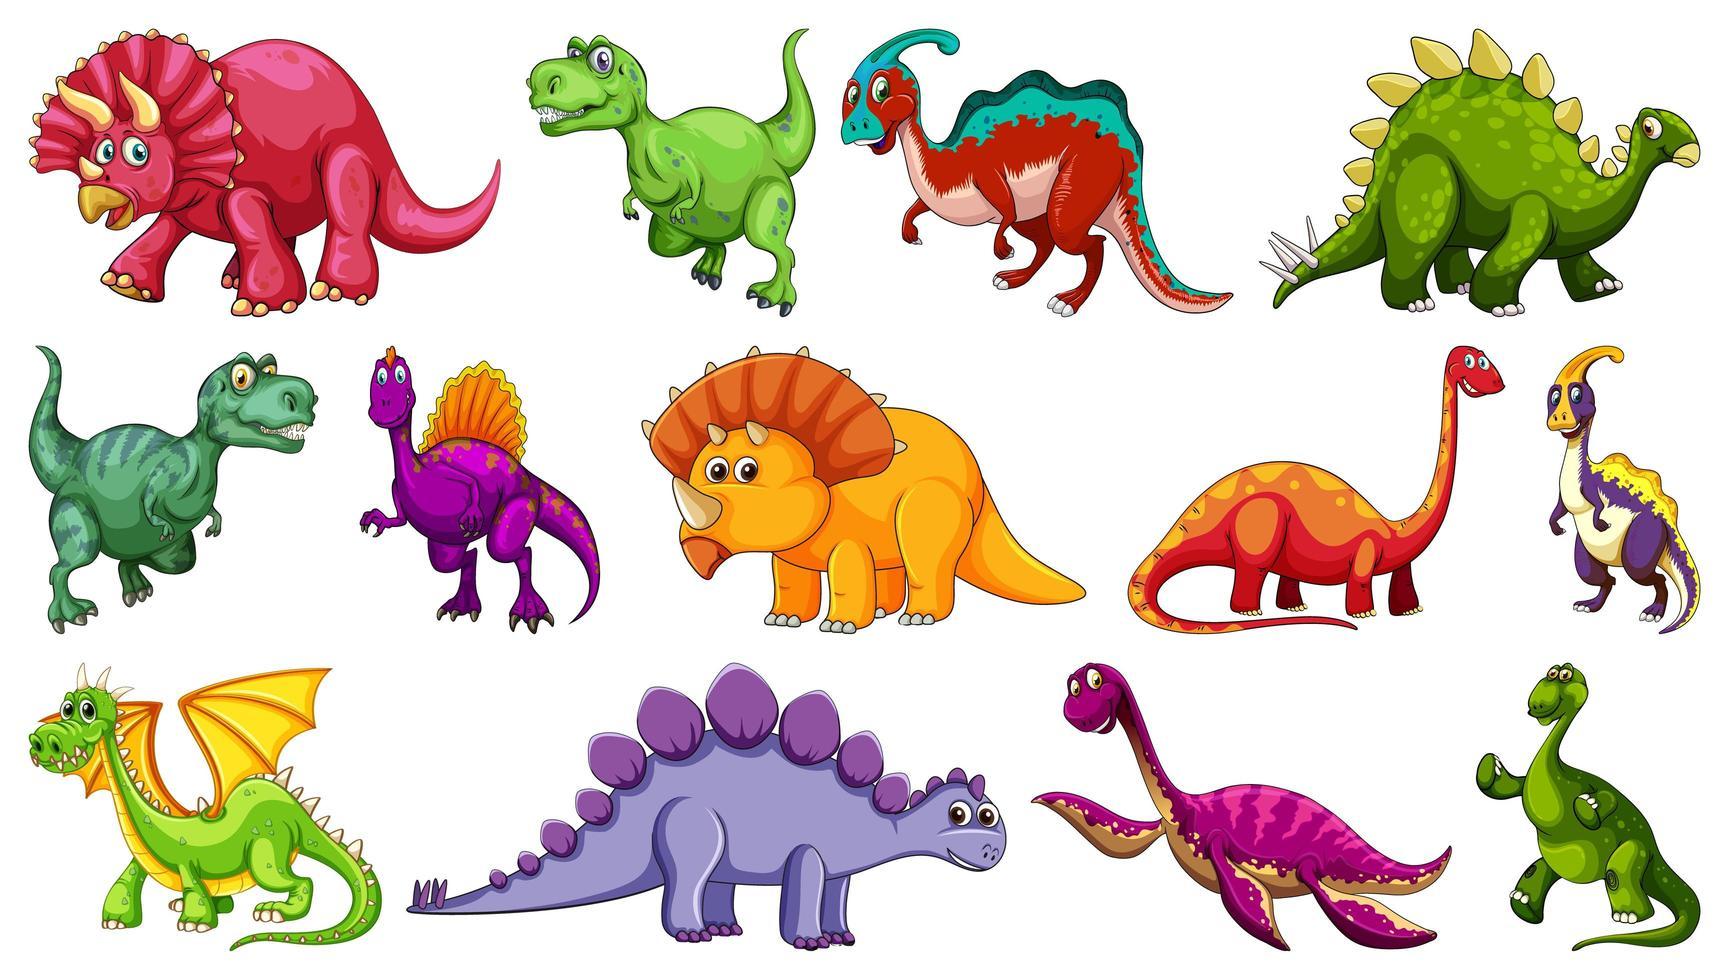 uppsättning av olika dinosaurie seriefigurer vektor